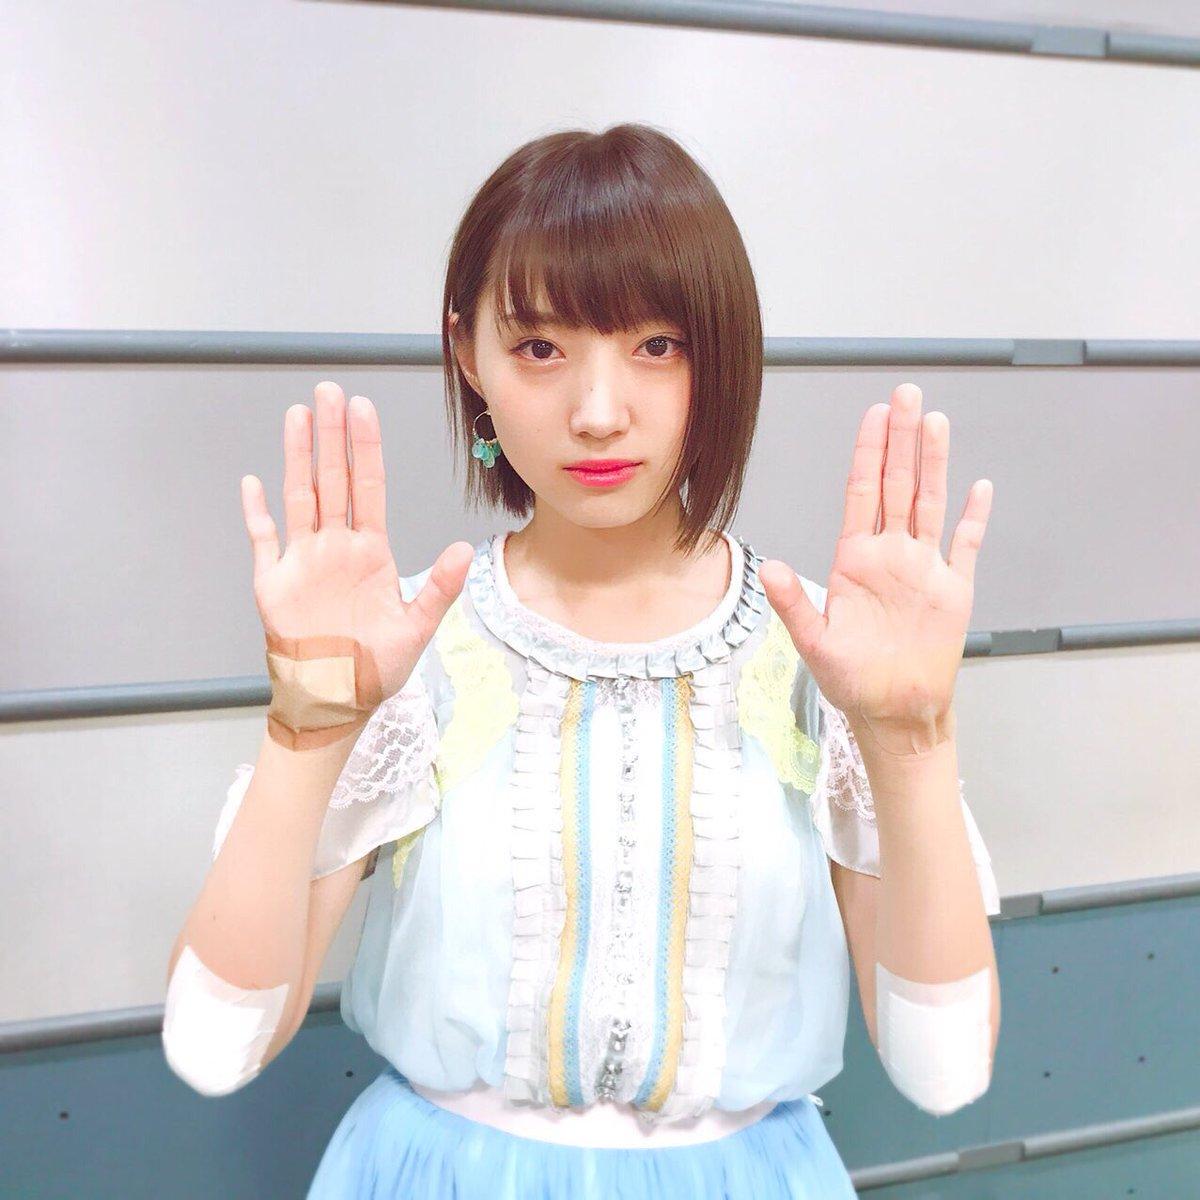 太田夢莉の衣装画像